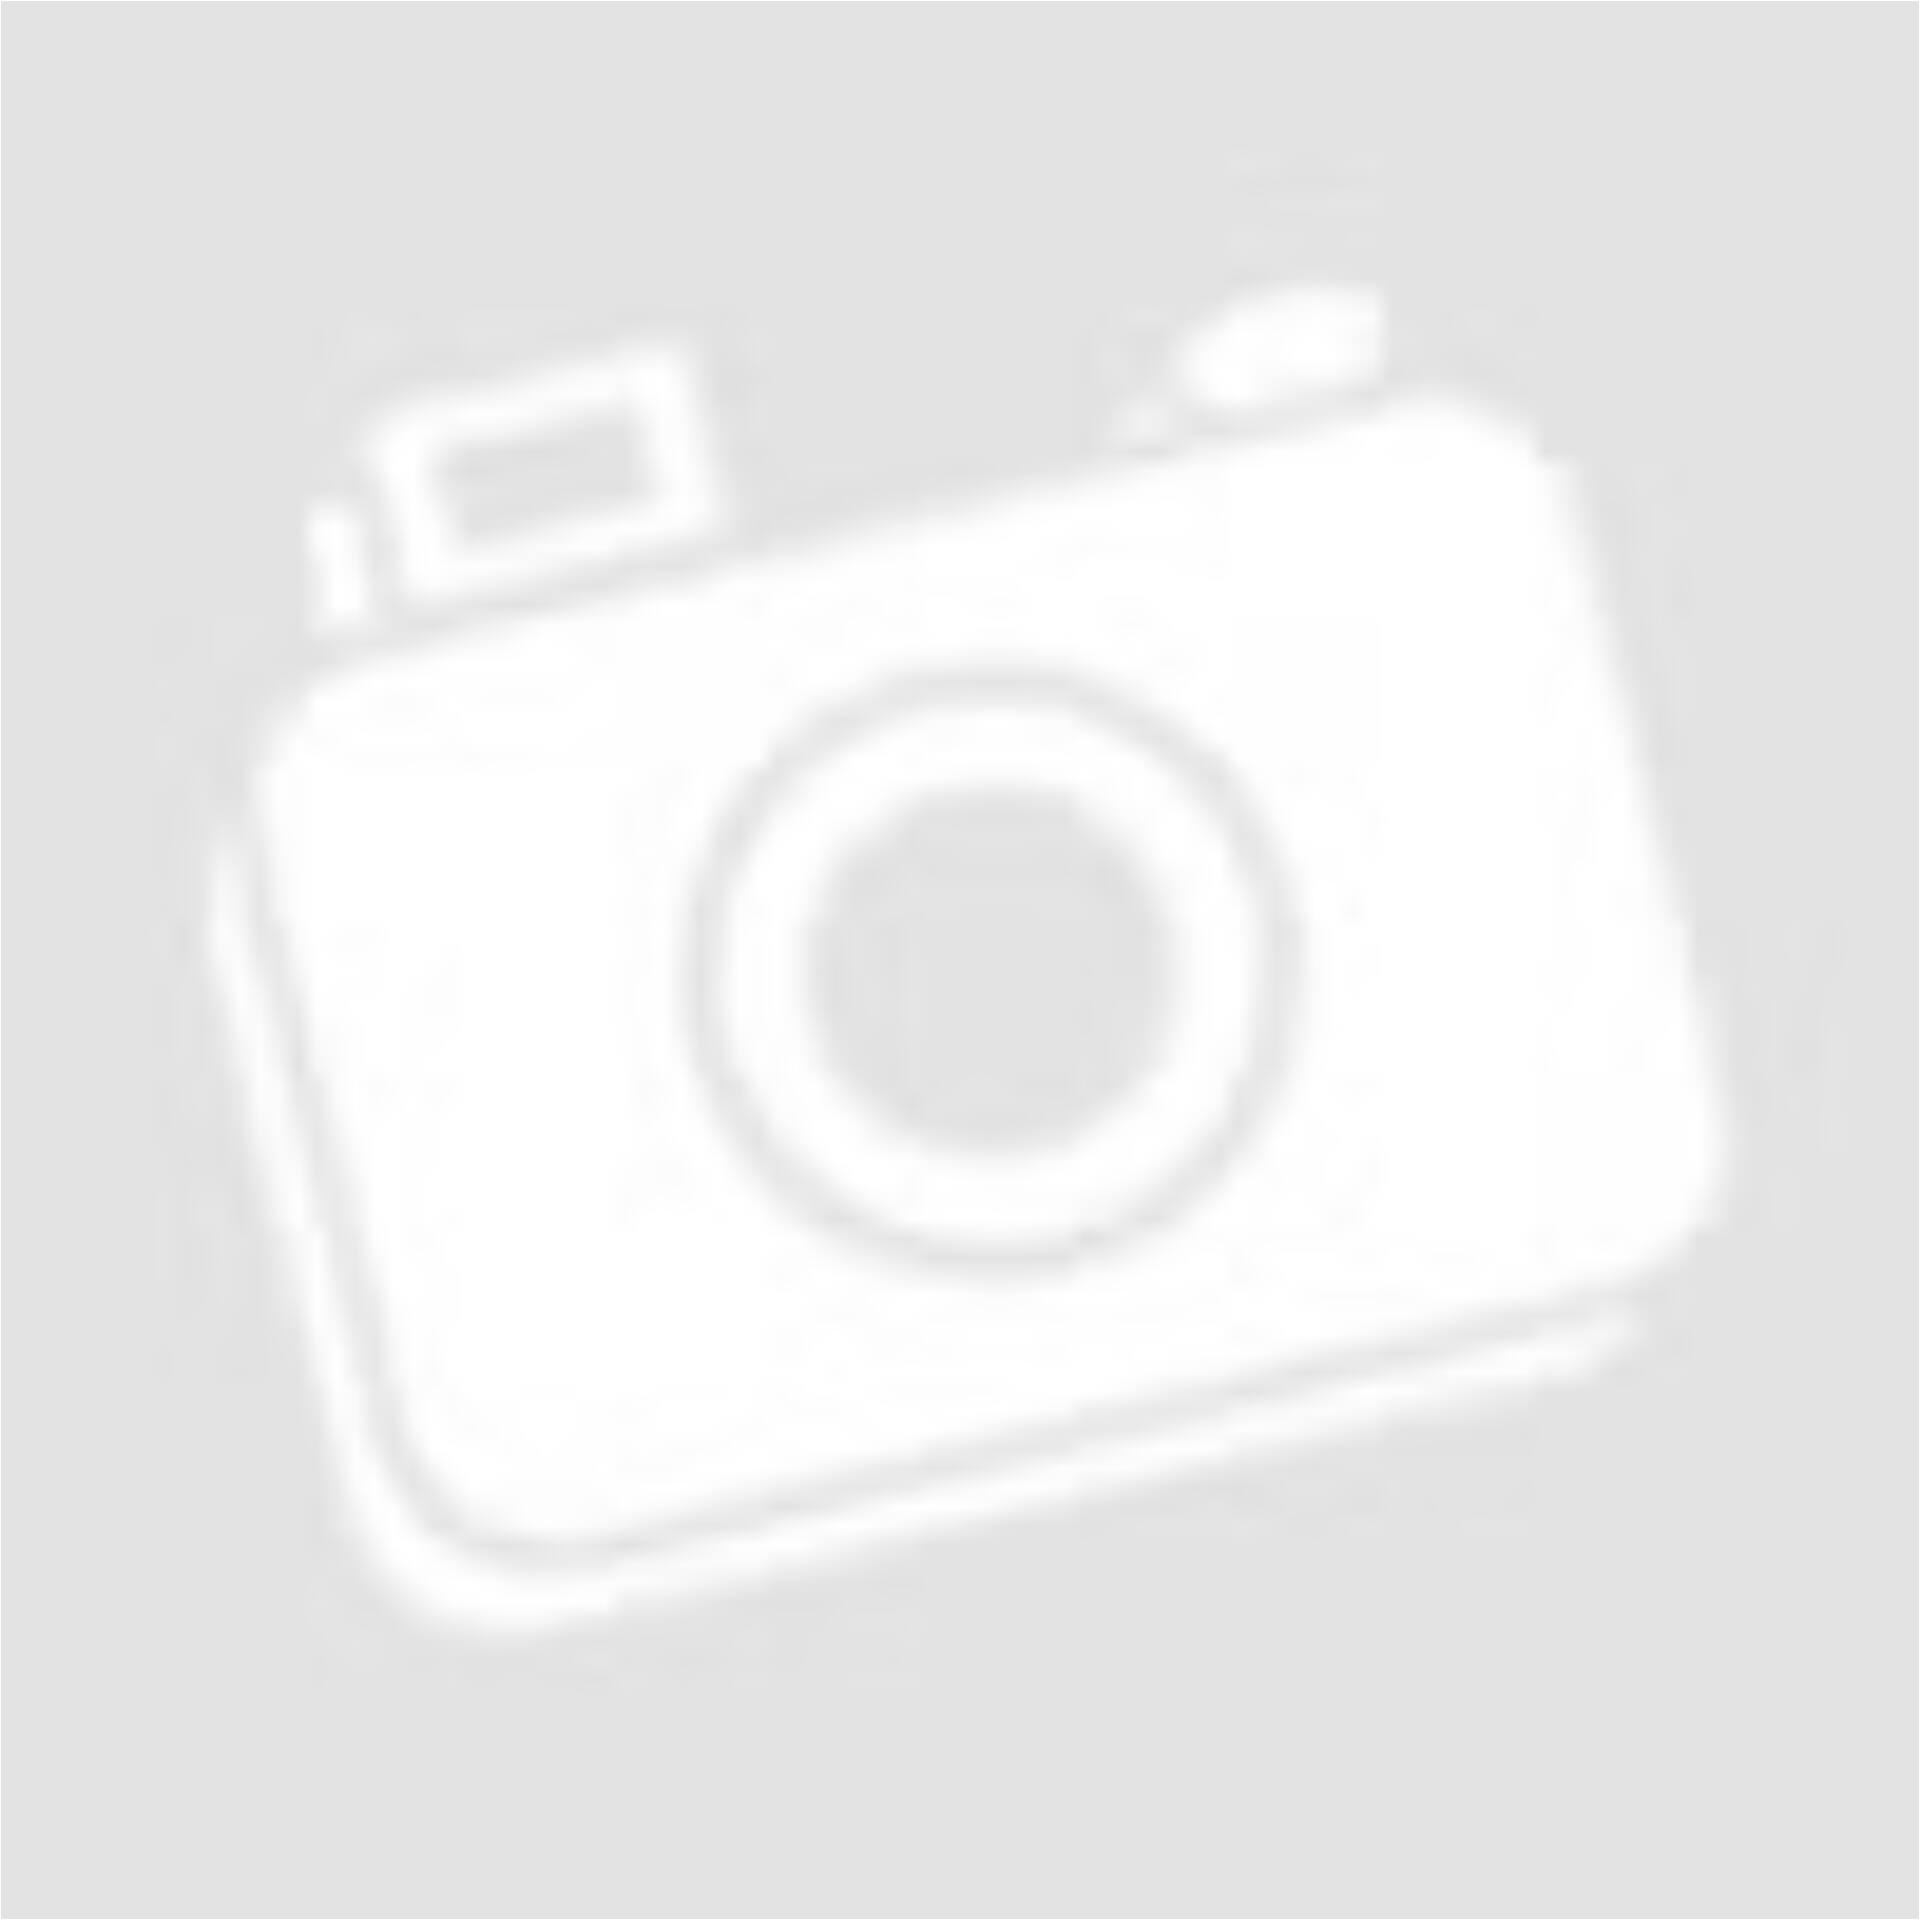 dce1fe2cb4 ACW85 szürke póló (Méret: L) - Póló, trikó - Öltözz ki webáruház ...